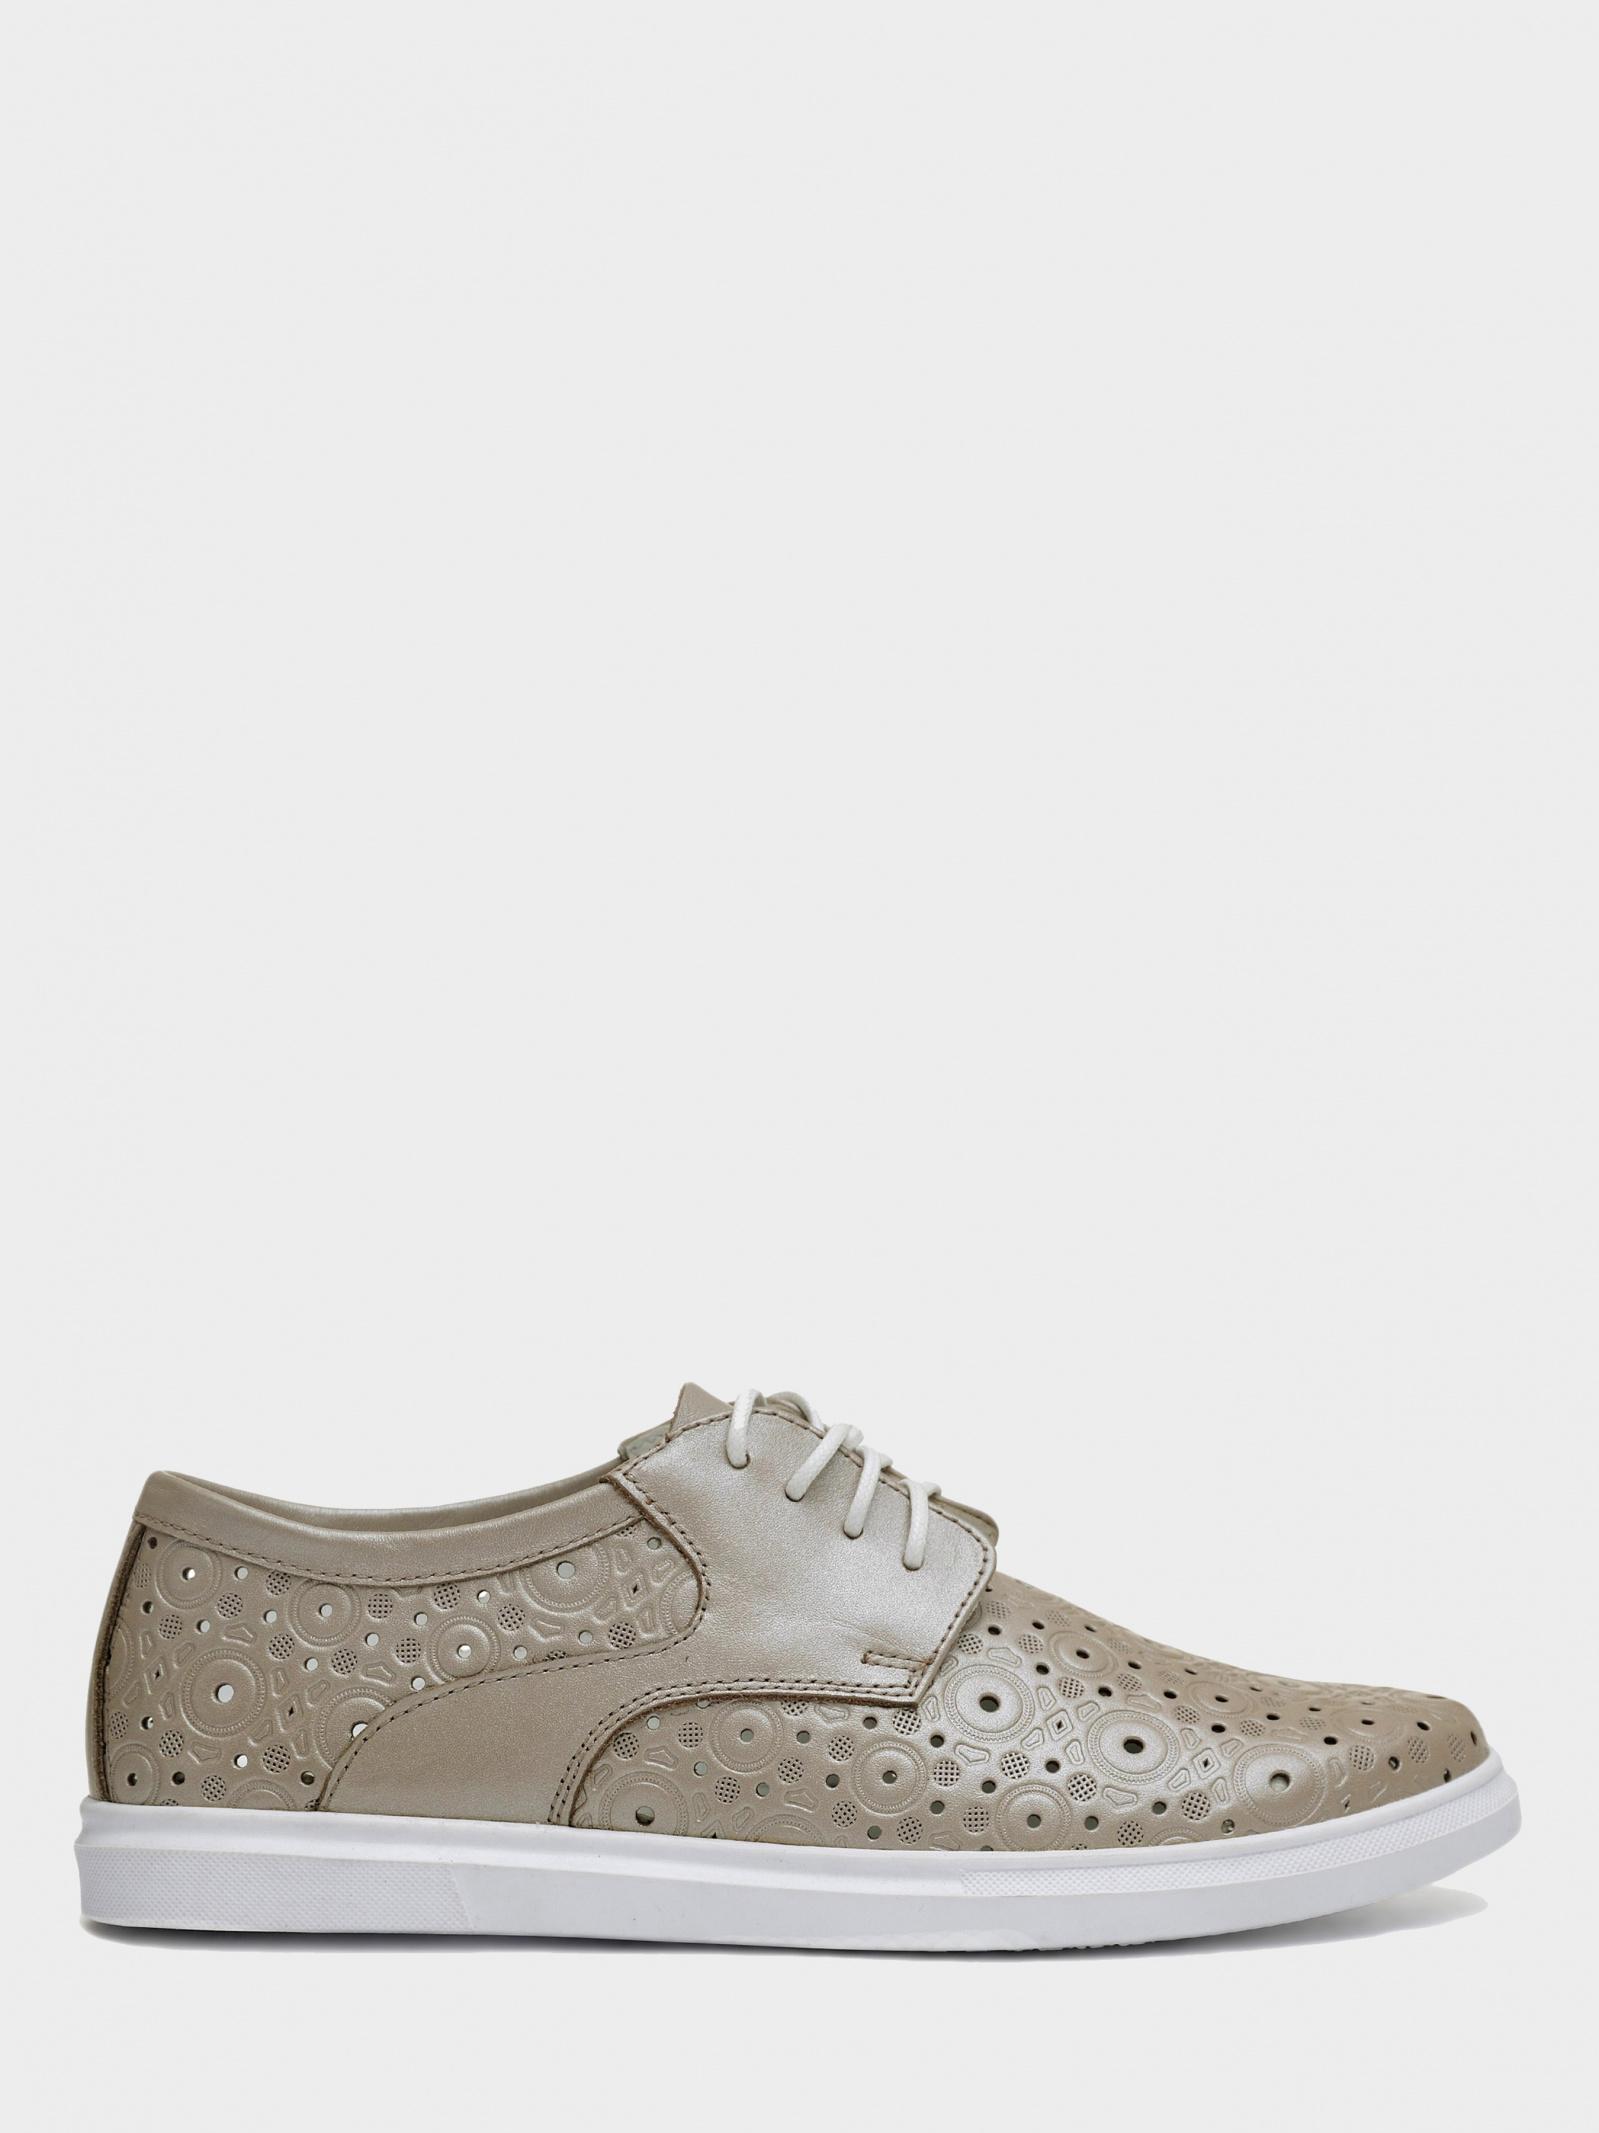 Туфлі  для жінок Modus Vivendi 910021 вартість, 2017